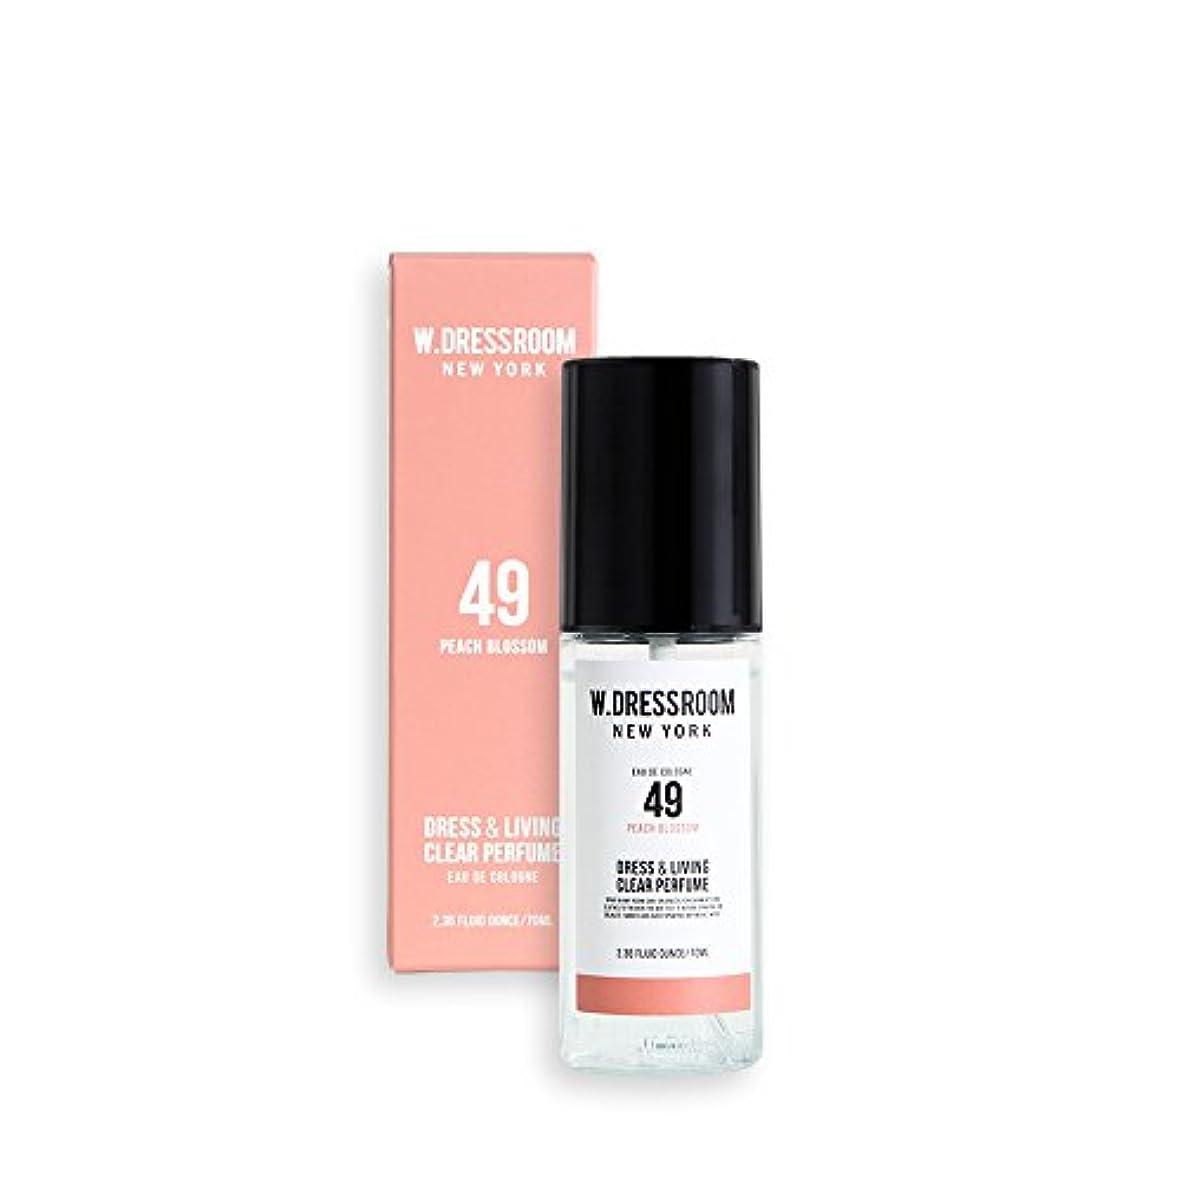 自分を引き上げる農場パドルW.DRESSROOM Dress & Living Clear Perfume 70ml (#No.49 Peach Blossom)/ダブルドレスルーム ドレス&リビング クリア パフューム 70ml (#No.49...